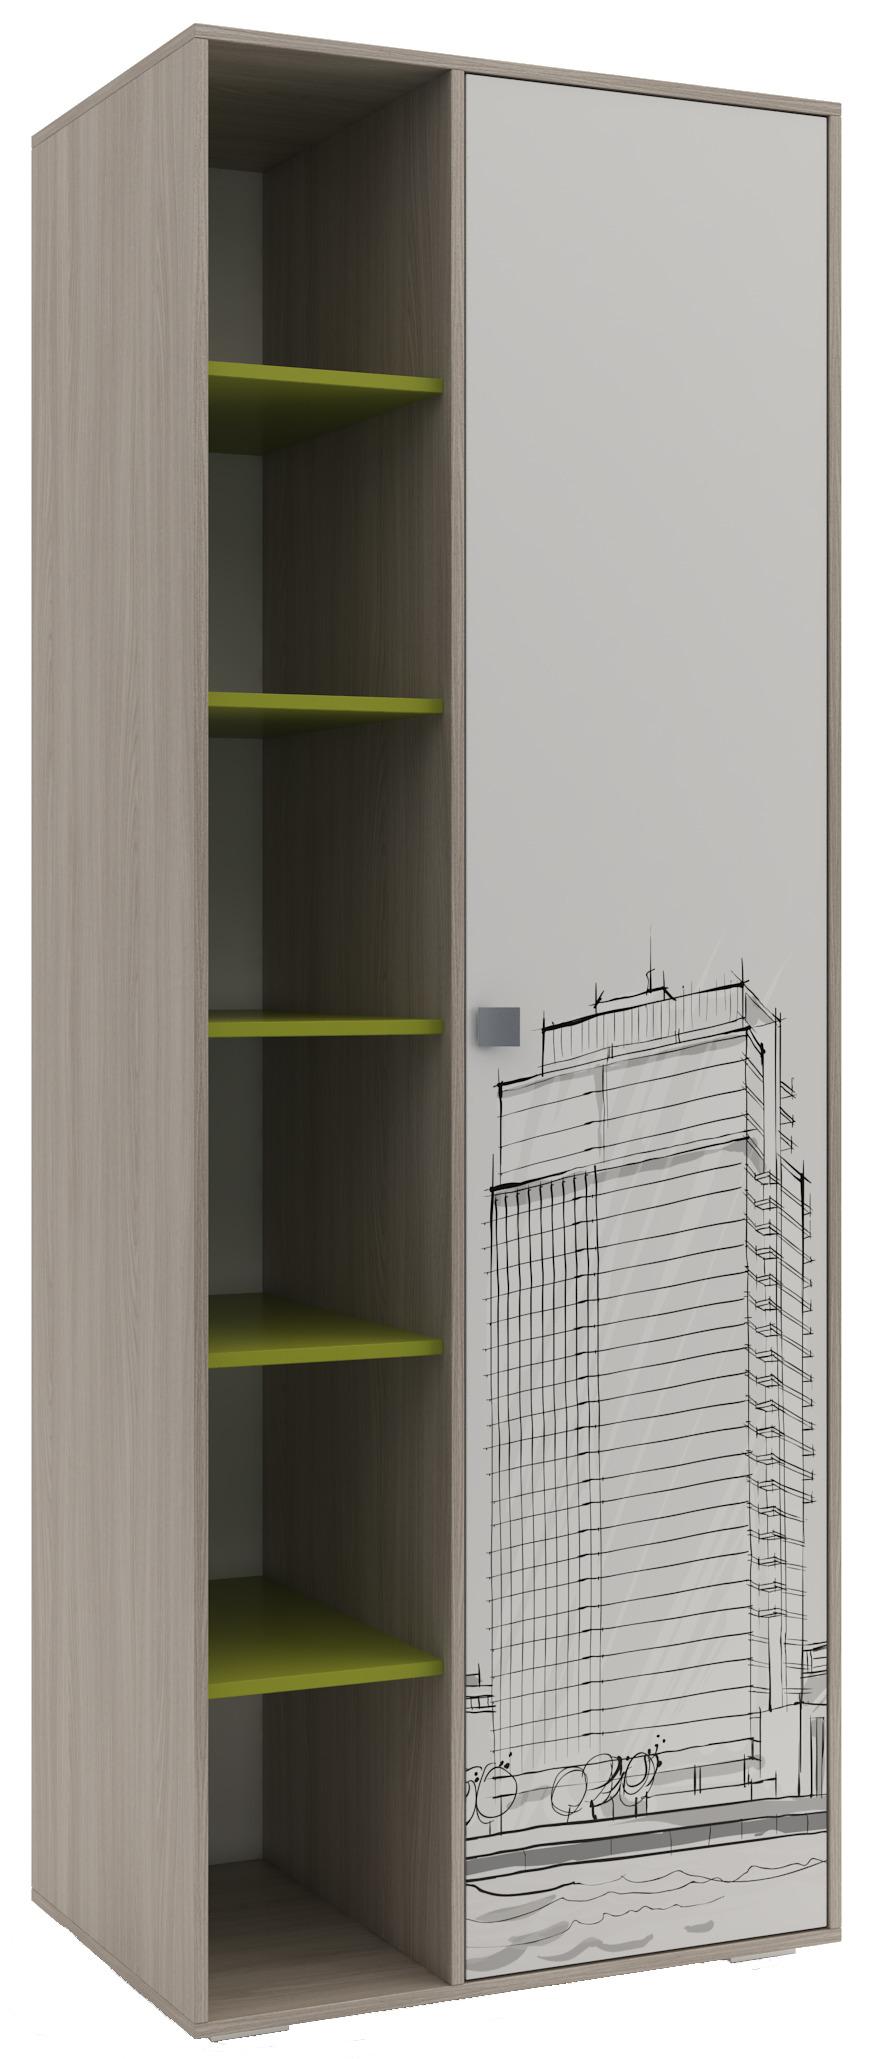 Шкаф для детской МегаполисДетская<br><br><br>Длина мм: 800<br>Высота мм: 2150<br>Глубина мм: 550